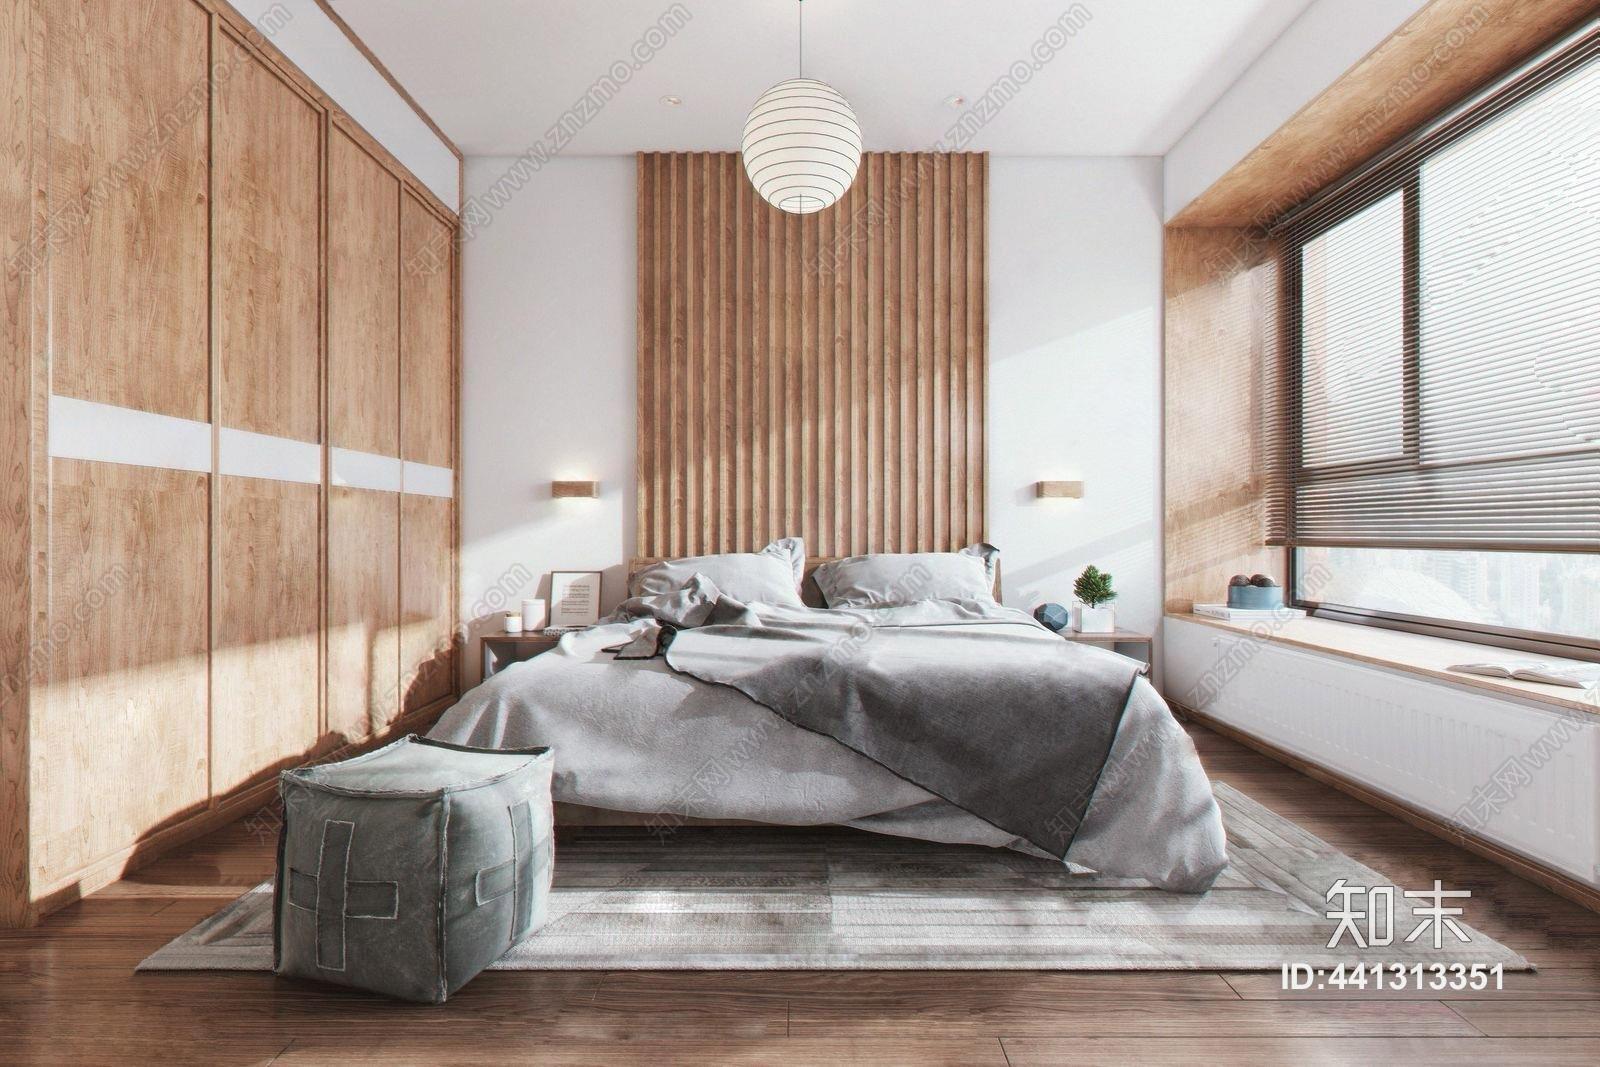 日式主卧室 次卧室 双人床